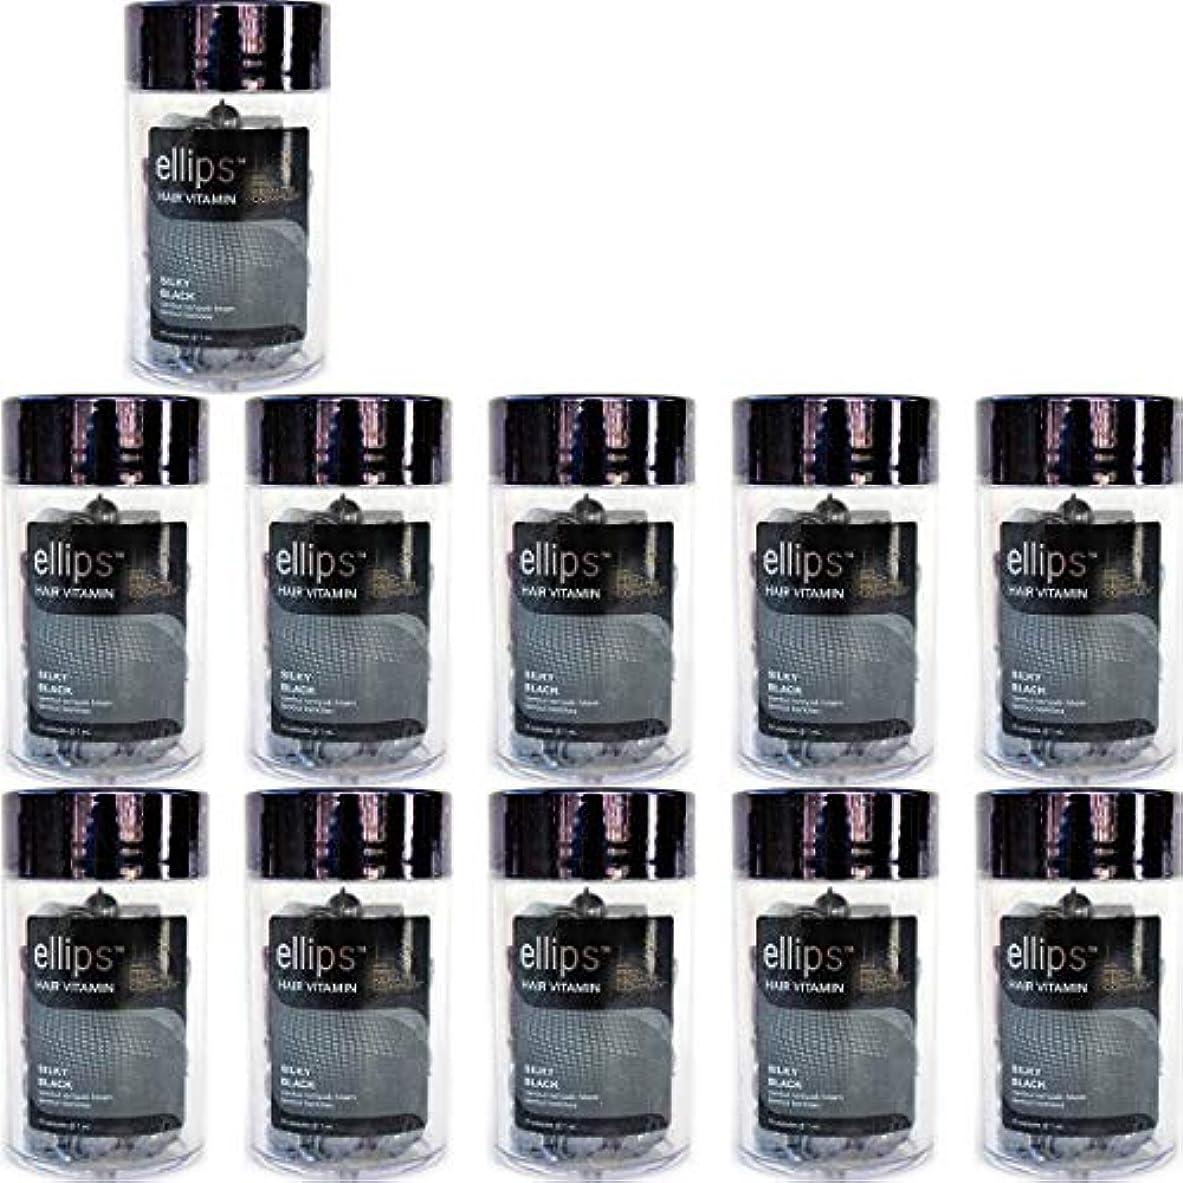 繰り返すコストさわやかellips エリプス ヘアビタミン ヘアオイル エリップス トリートメント プロケラチンシリーズ 50粒入ボトル ブラック 11個セット [海外直送品]